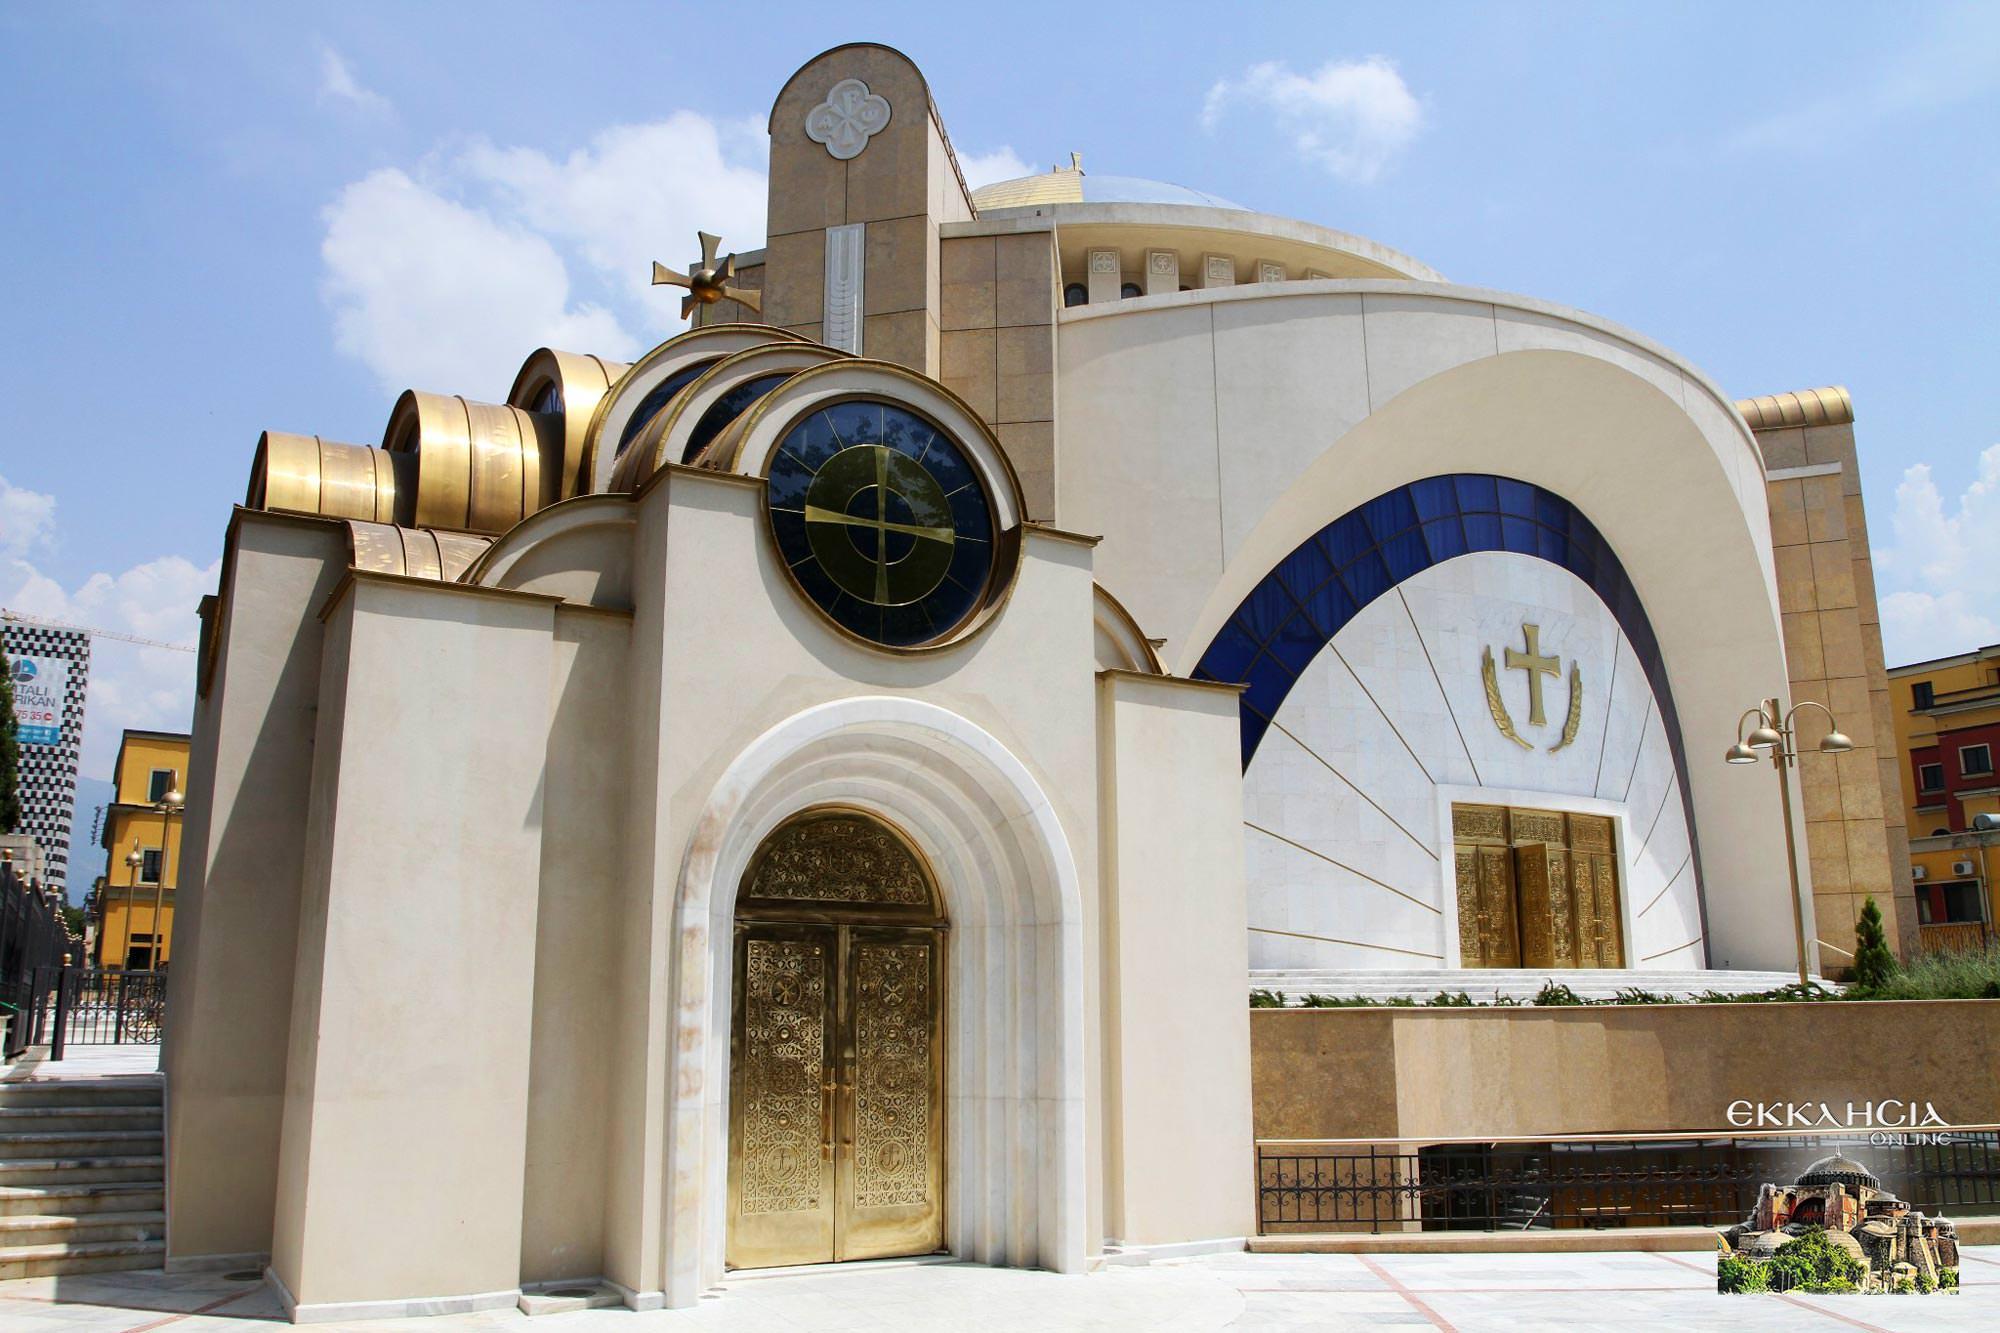 Καθεδρικός ναός Ανάσταση